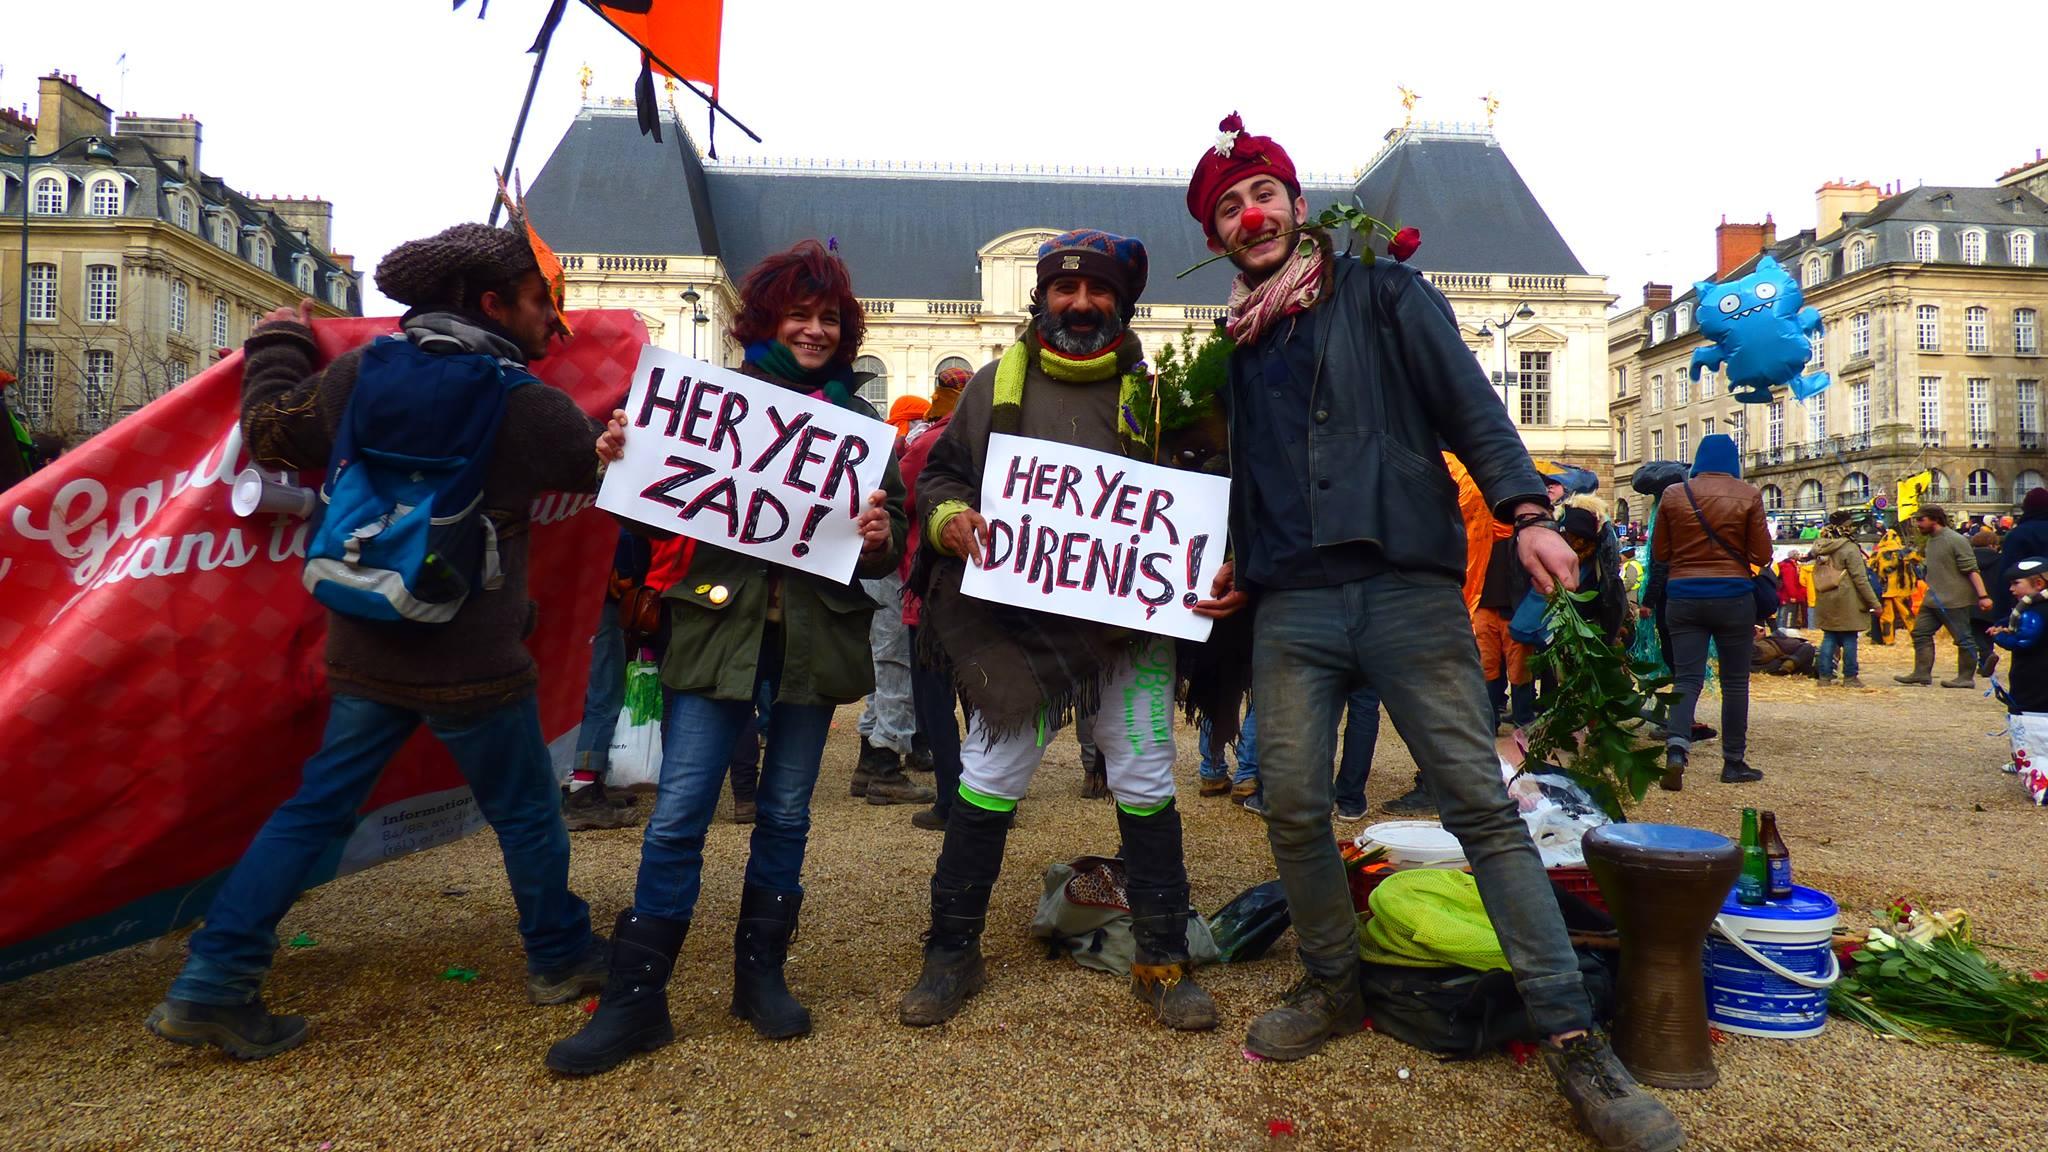 Rennes'deki ZAD karnaval gösteri yürüyüşündeydik…